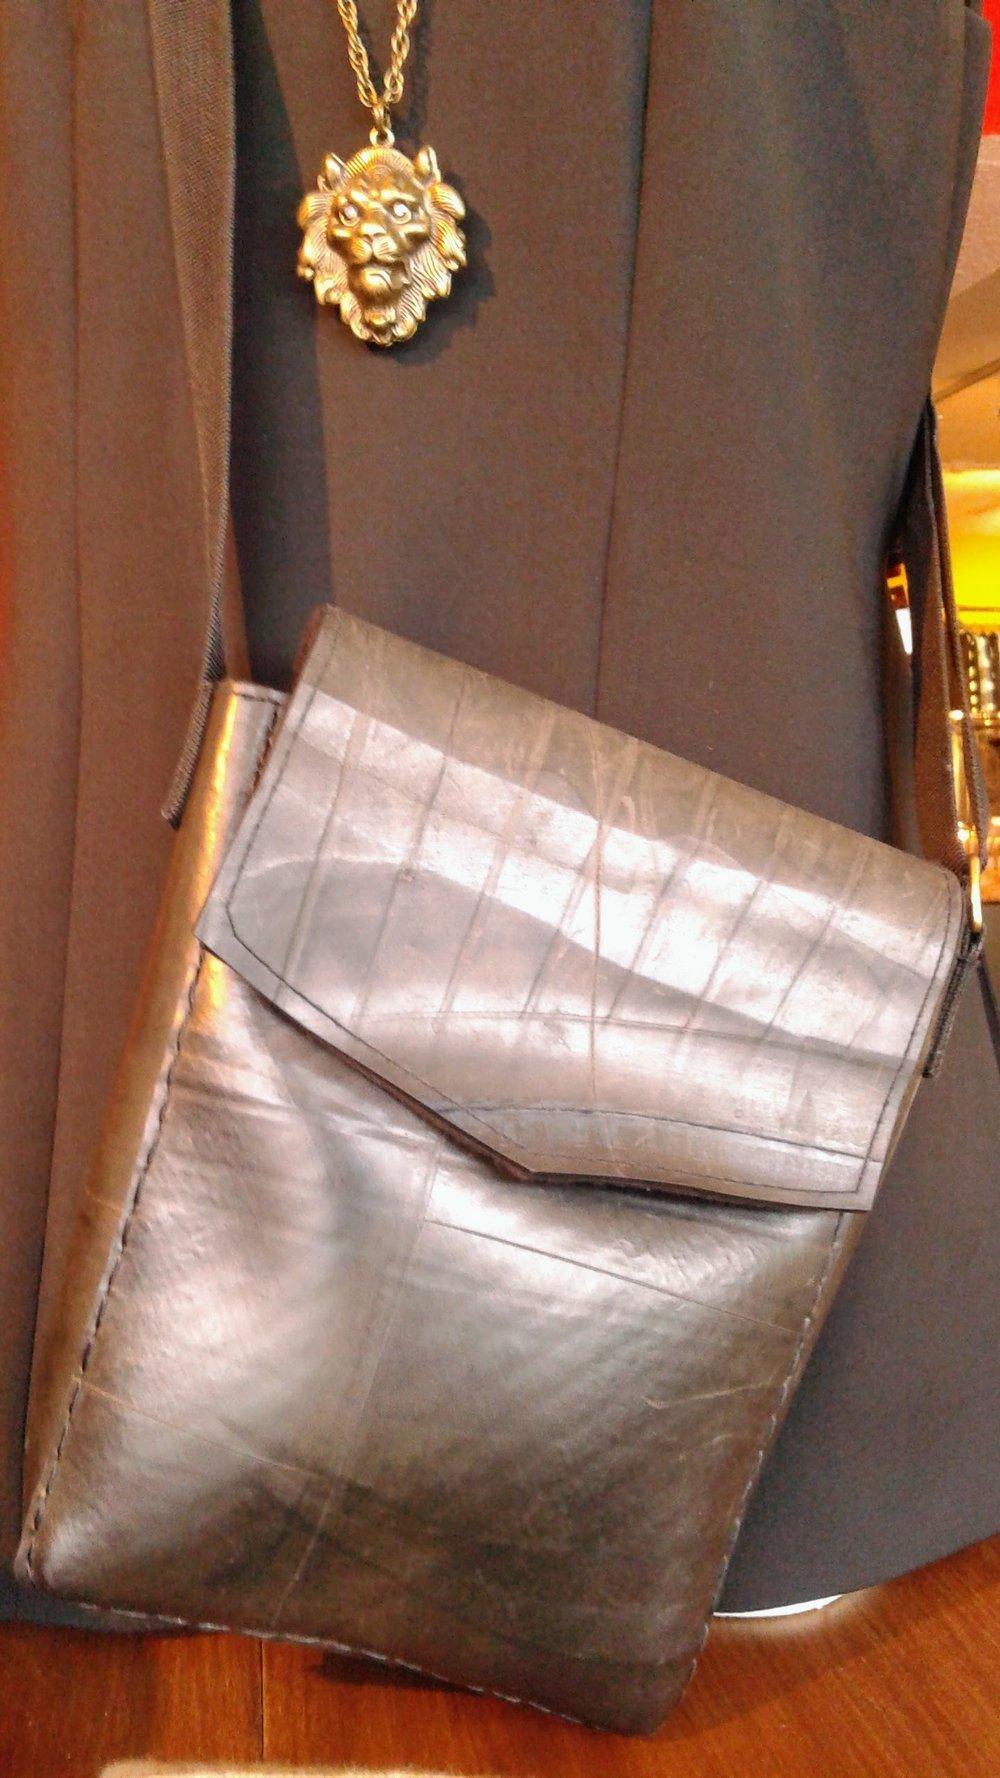 Ganesh Himal purse, $24